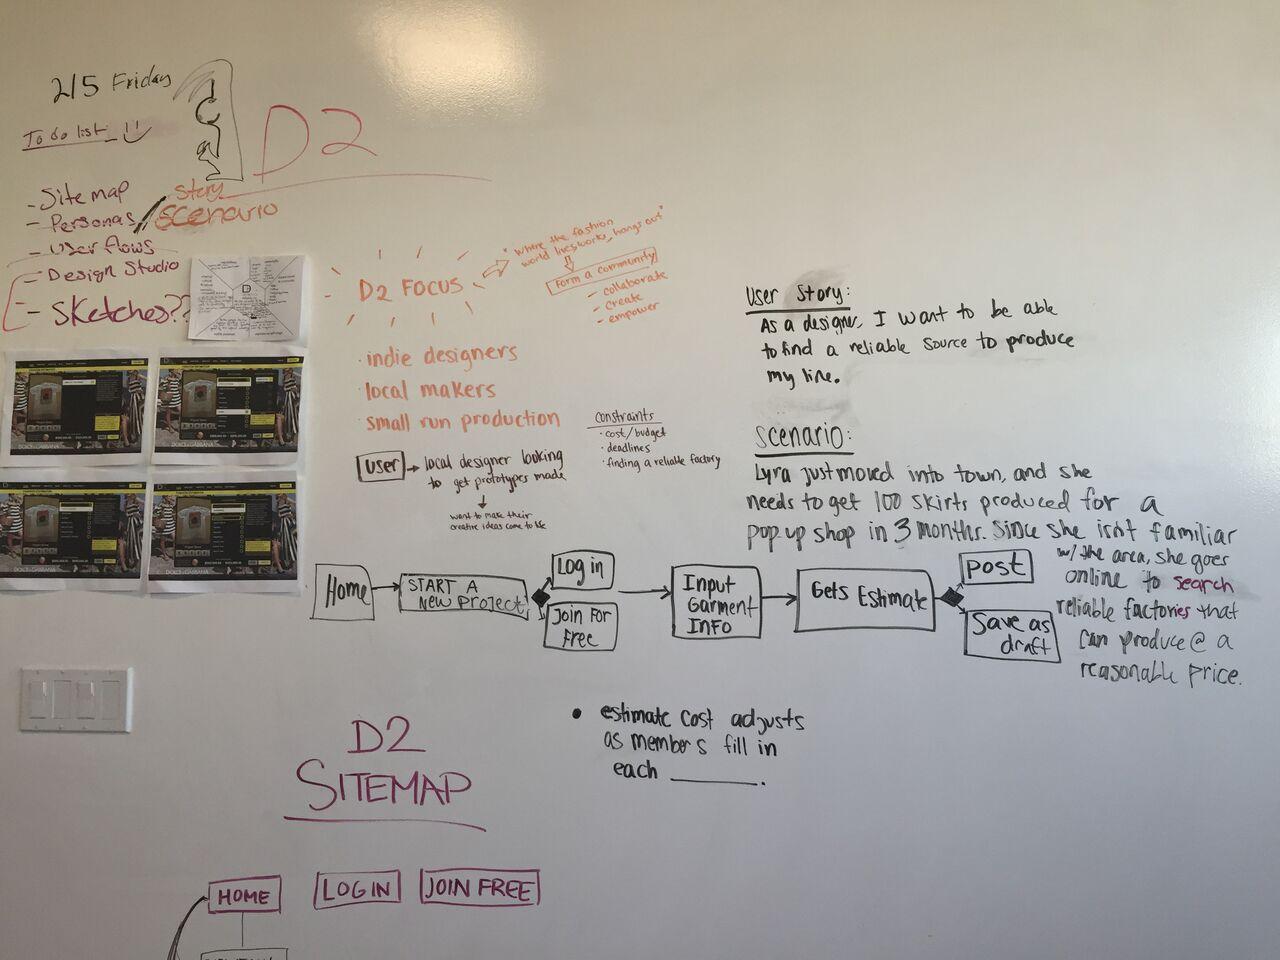 User Story, Scenario, & Notes